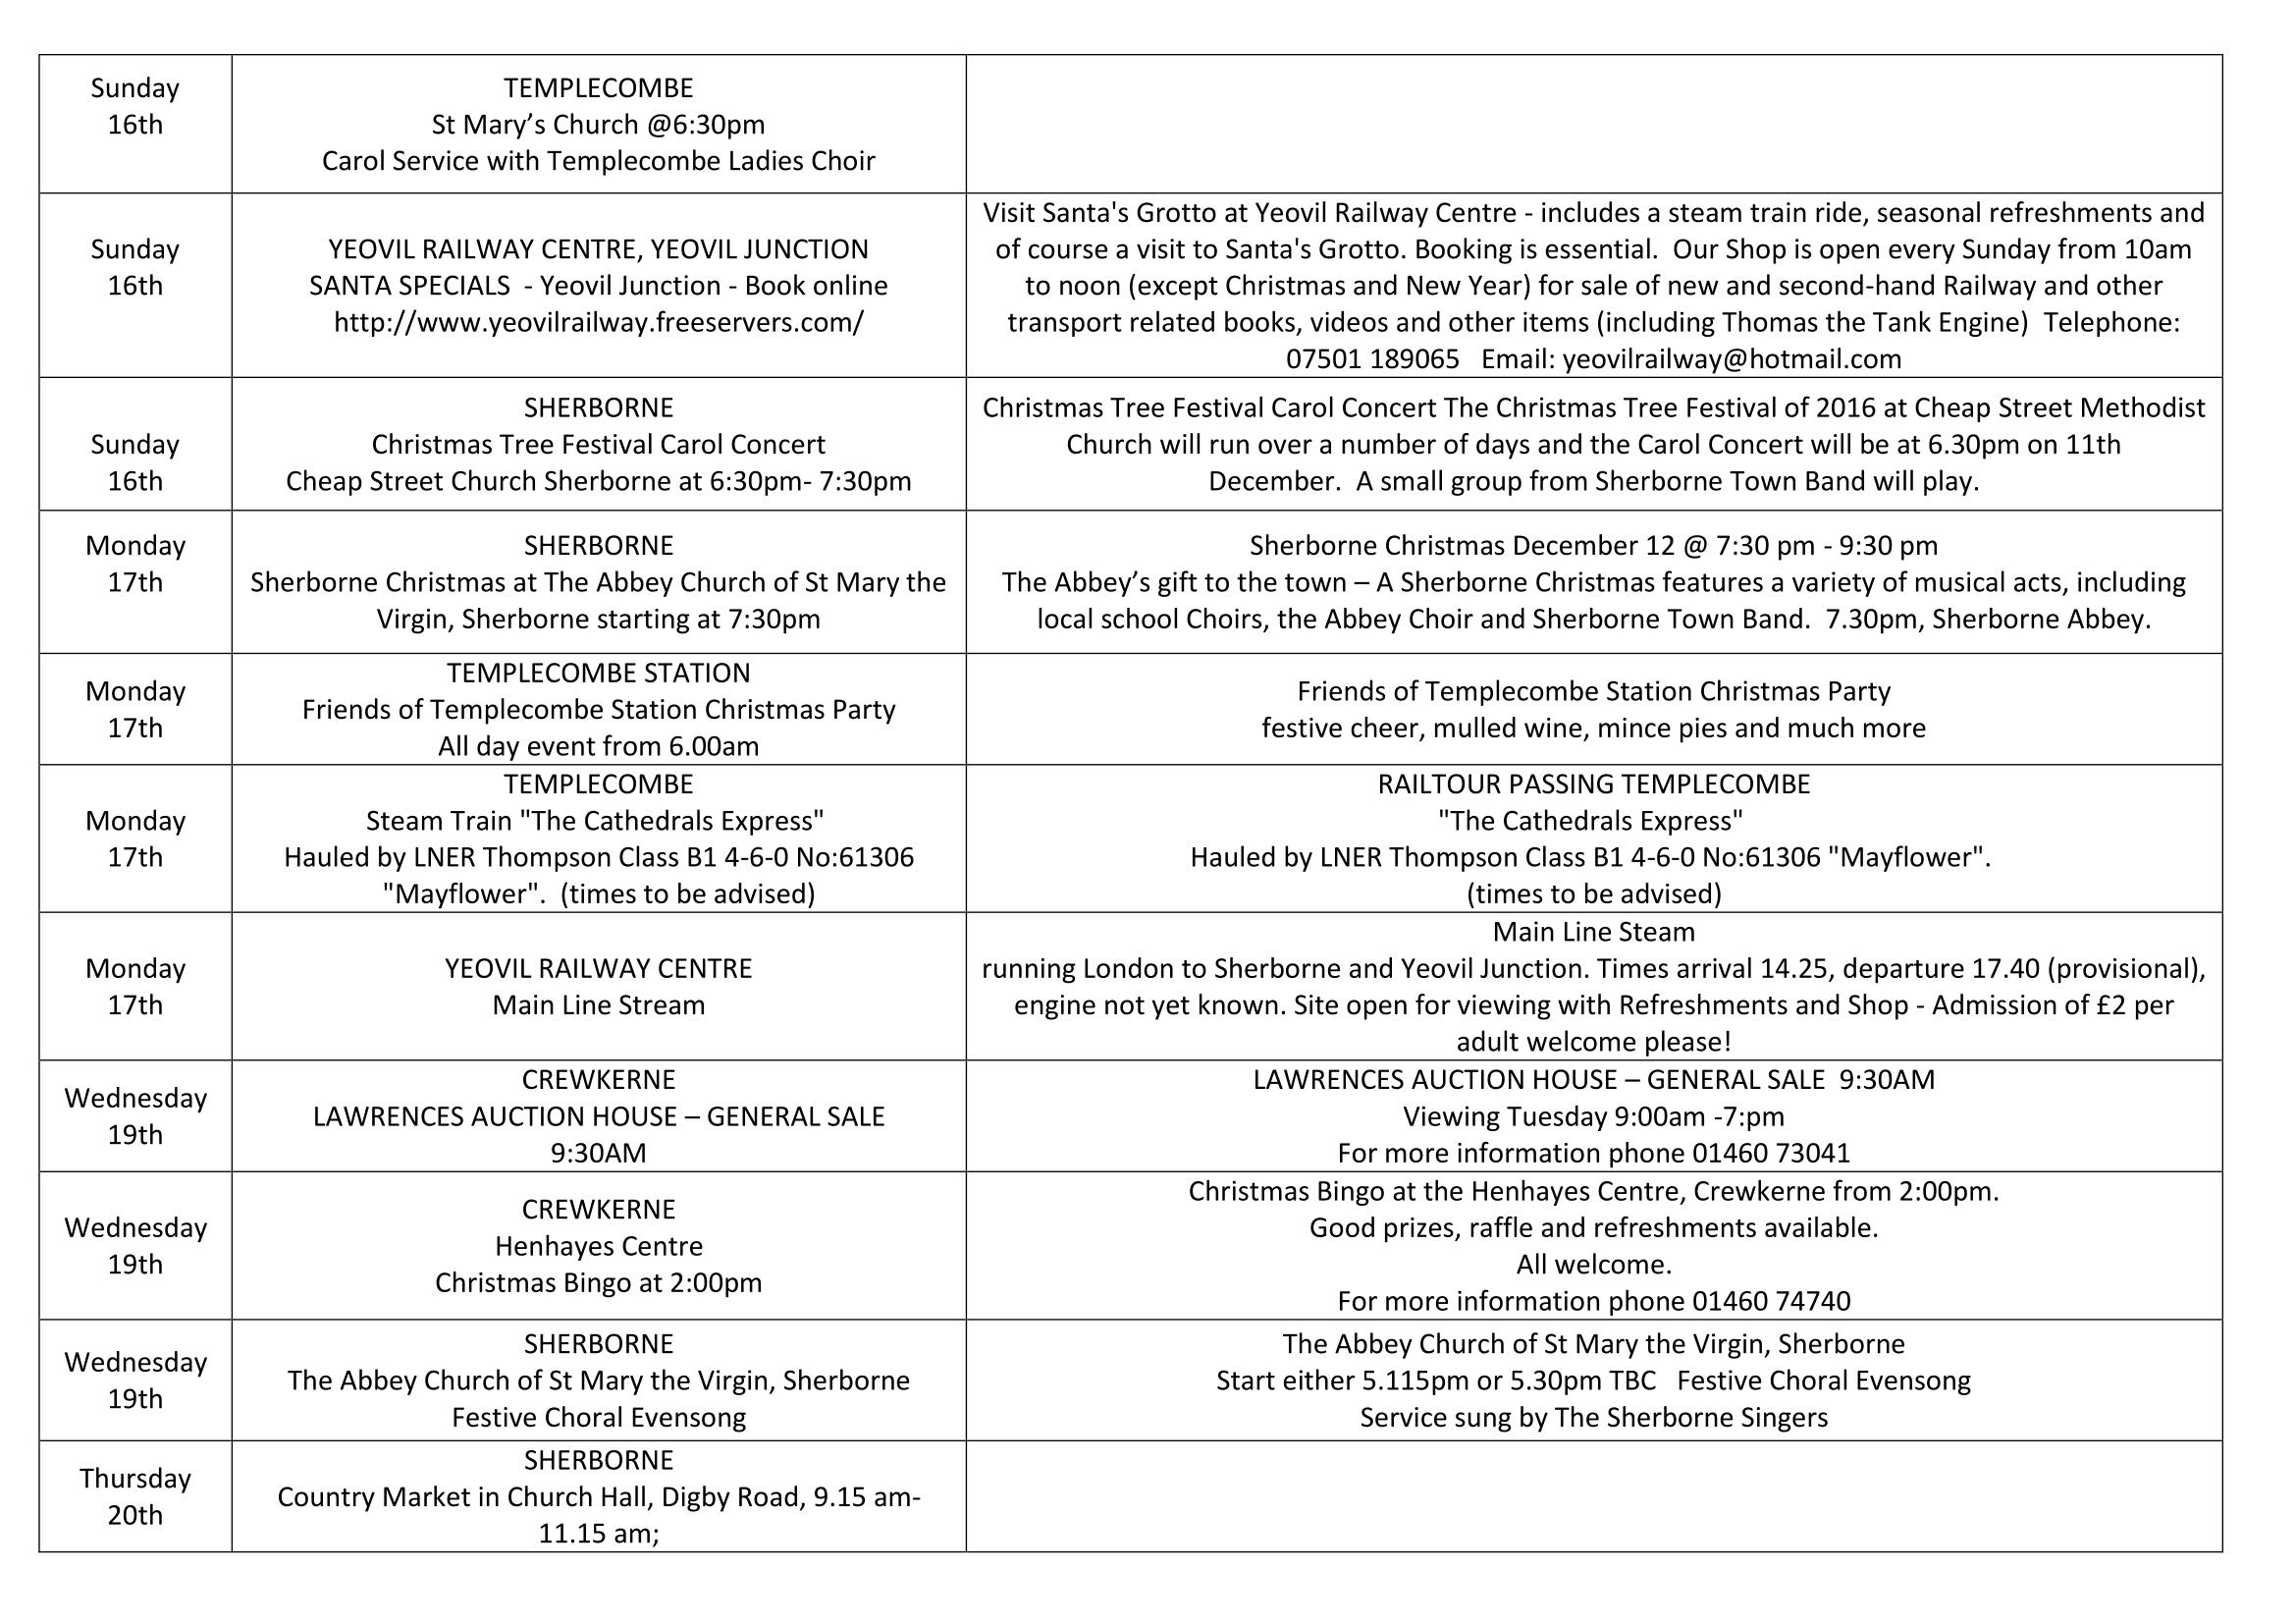 BMVCRP edit-10